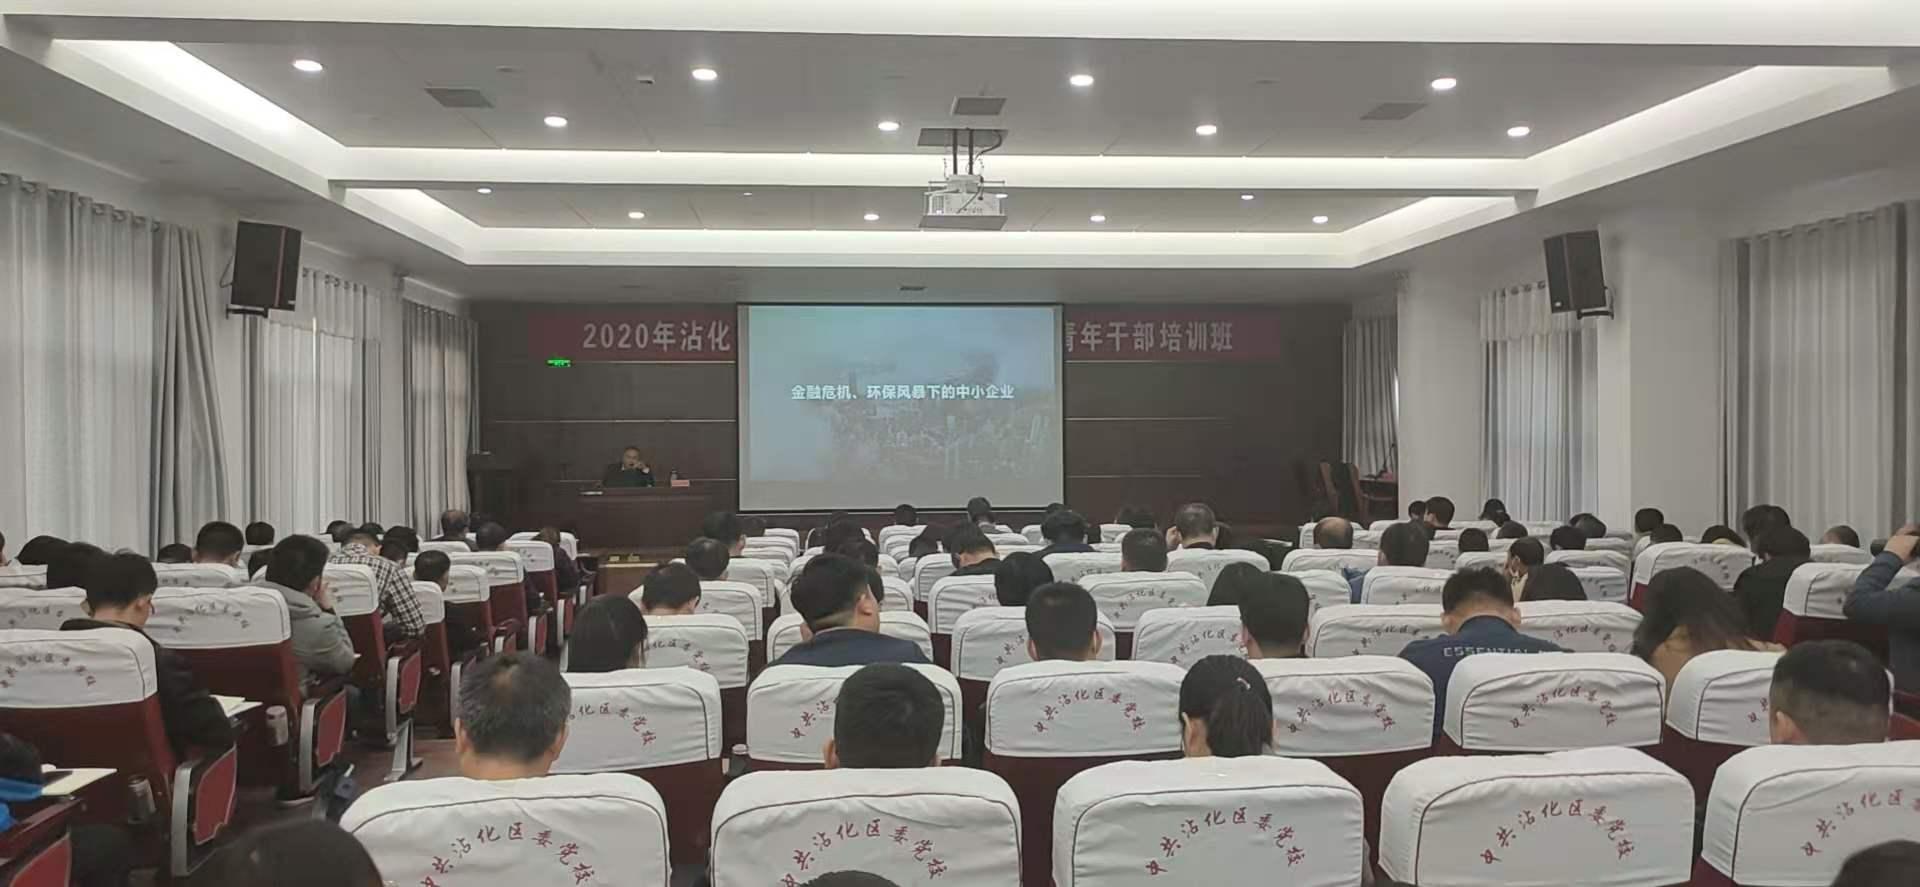 韩晓峰受沾化区政府邀请作法治专题讲座